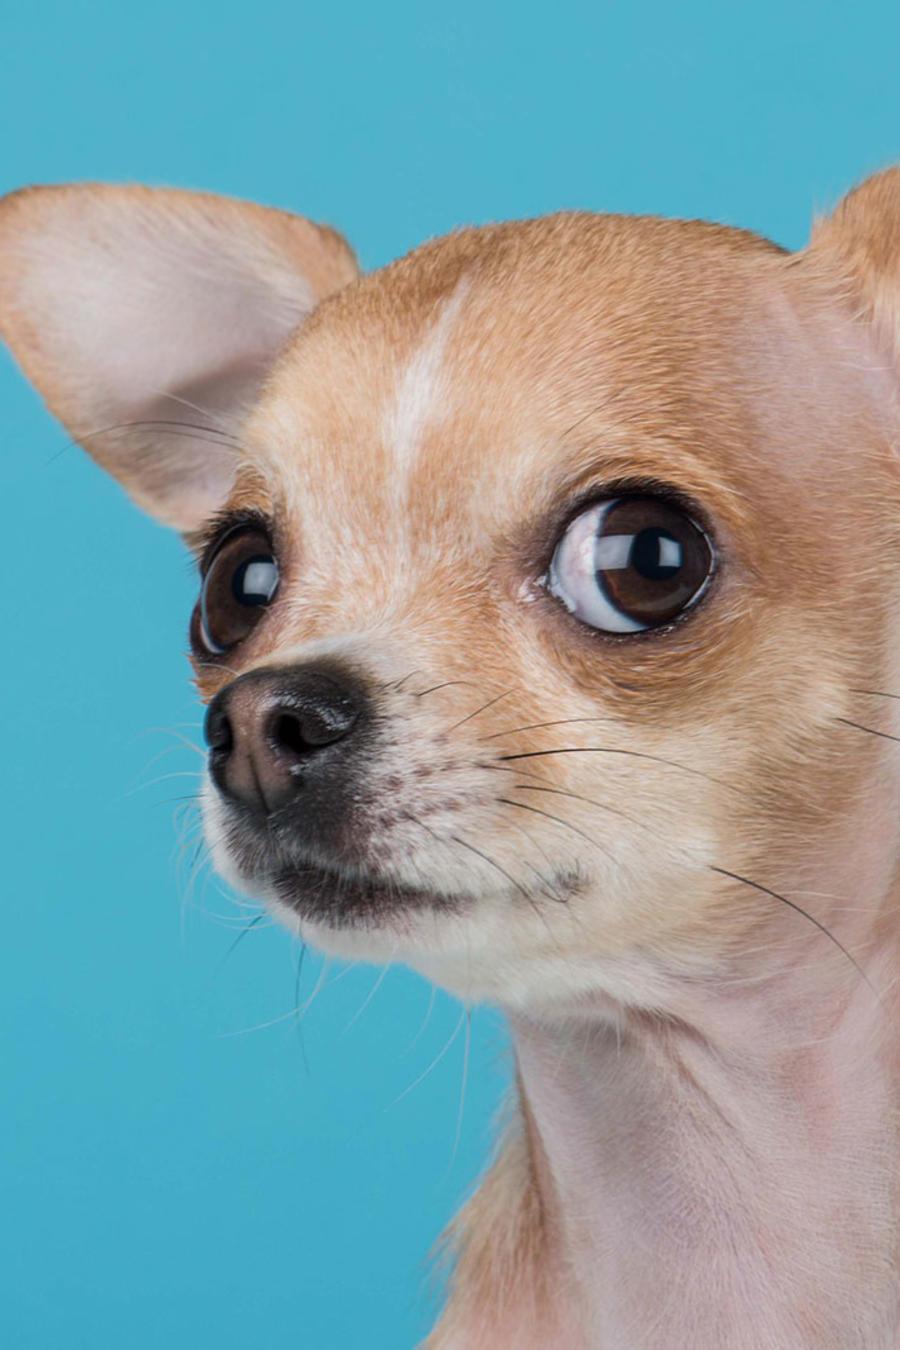 Perro chihuahua frente a un fondo azul